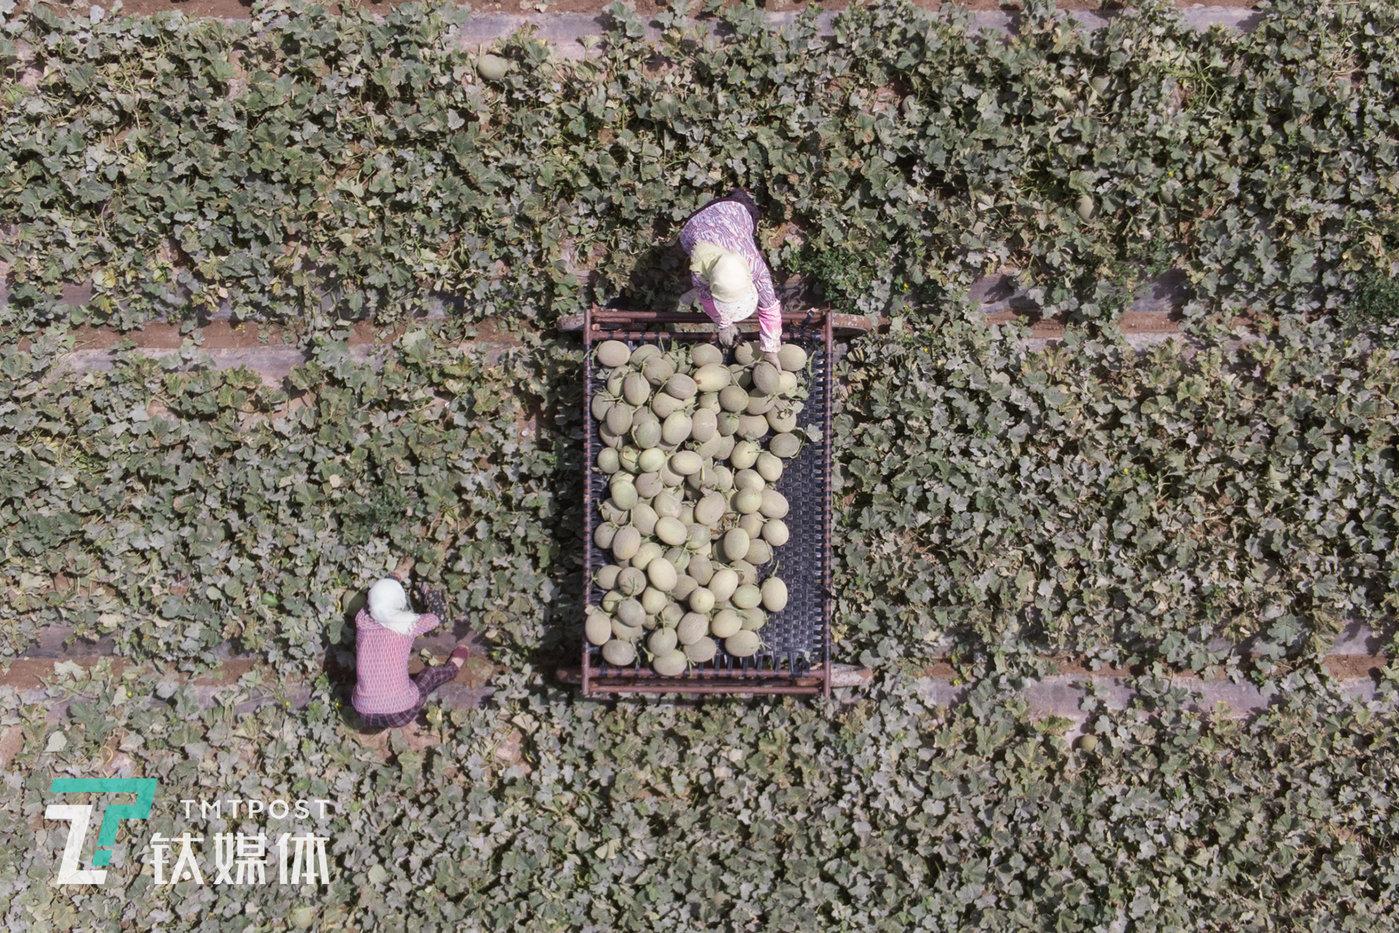 民勤县收成镇附智村,两位瓜农在摘收蜜瓜。